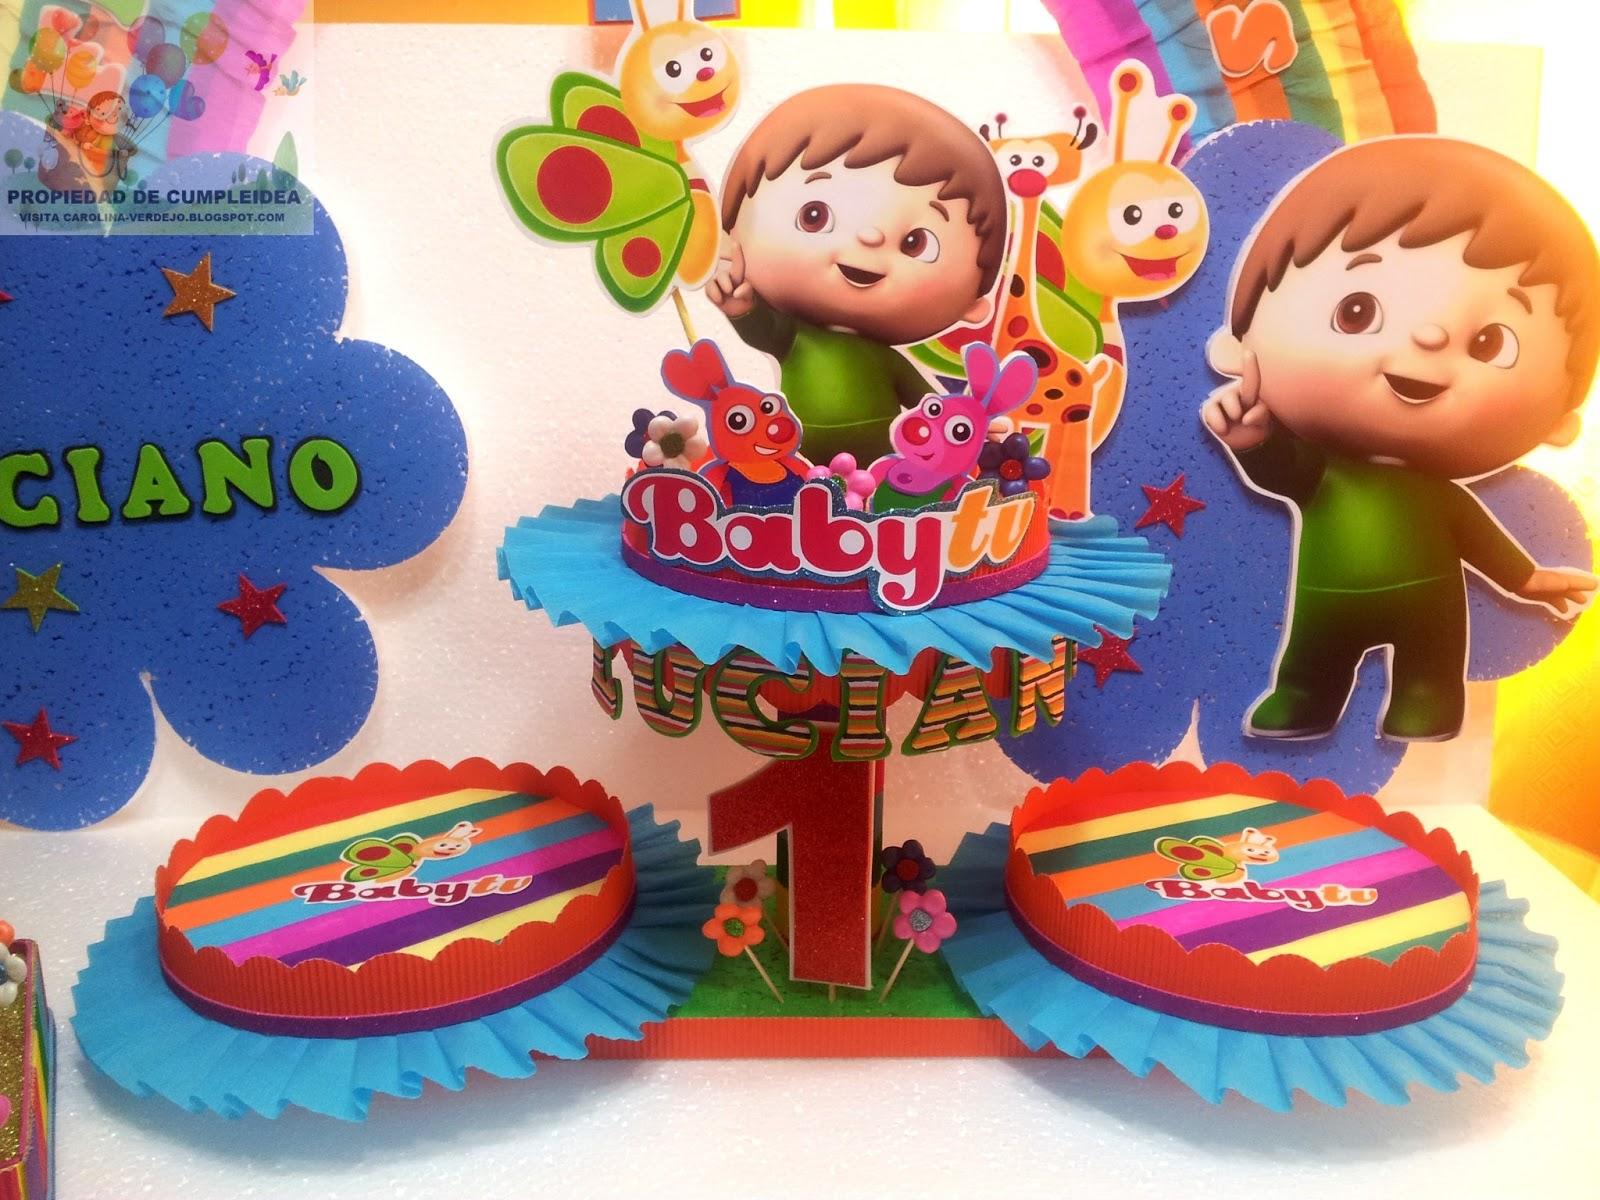 http://1.bp.blogspot.com/-GLlrJuqYvN0/UPhMsjd8HxI/AAAAAAAAC4k/AkxPWRQdadM/s1600/dulcera+baby+tv+luciano.jpg